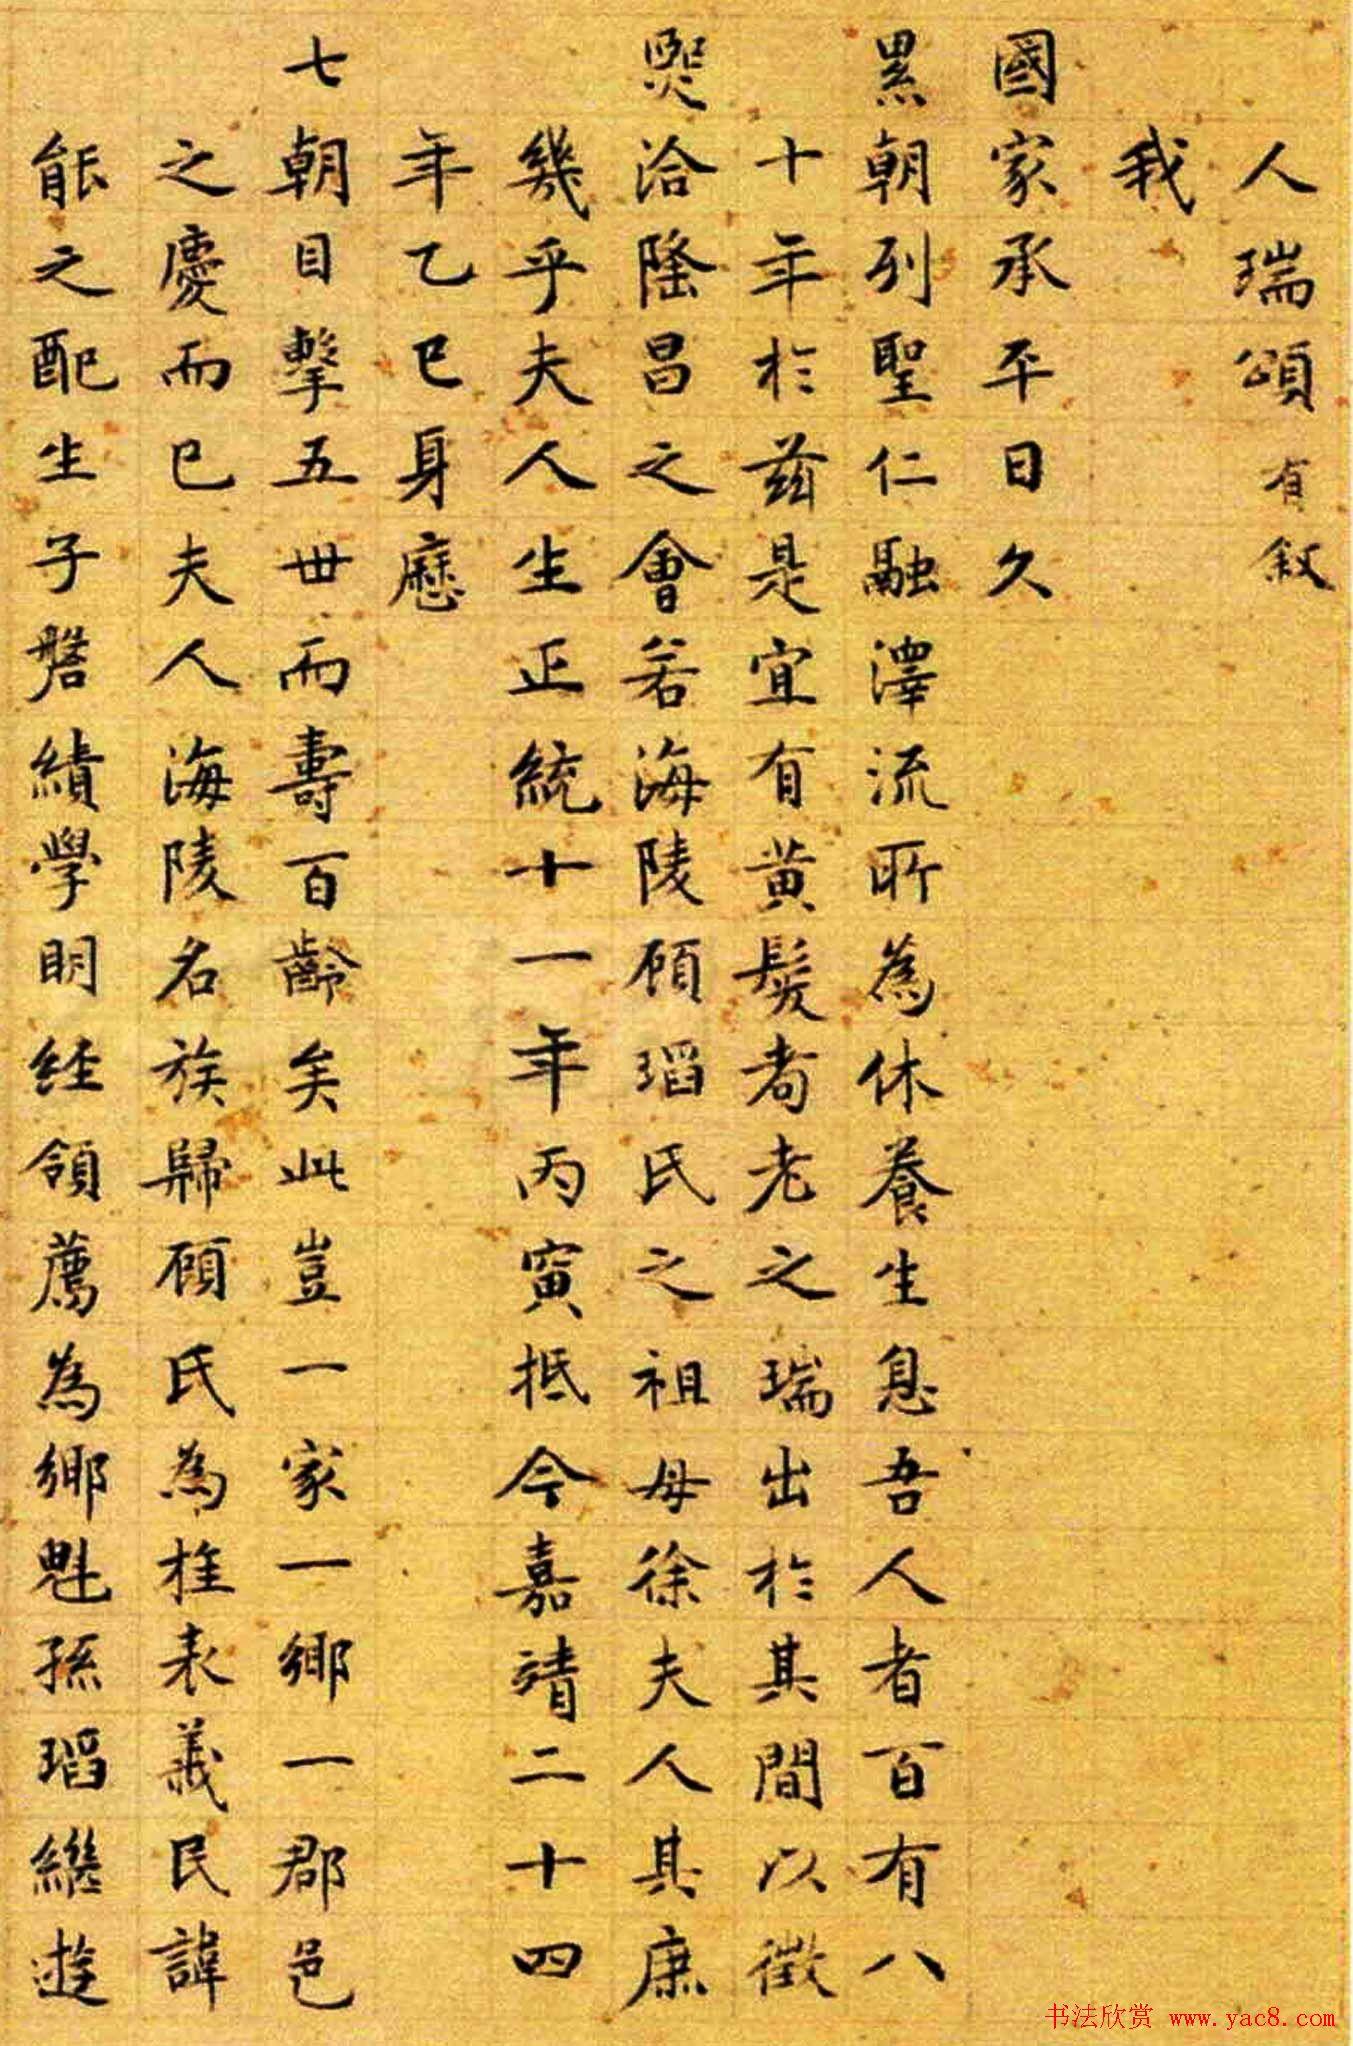 长洲文徵明小楷作品欣赏《人瑞颂》